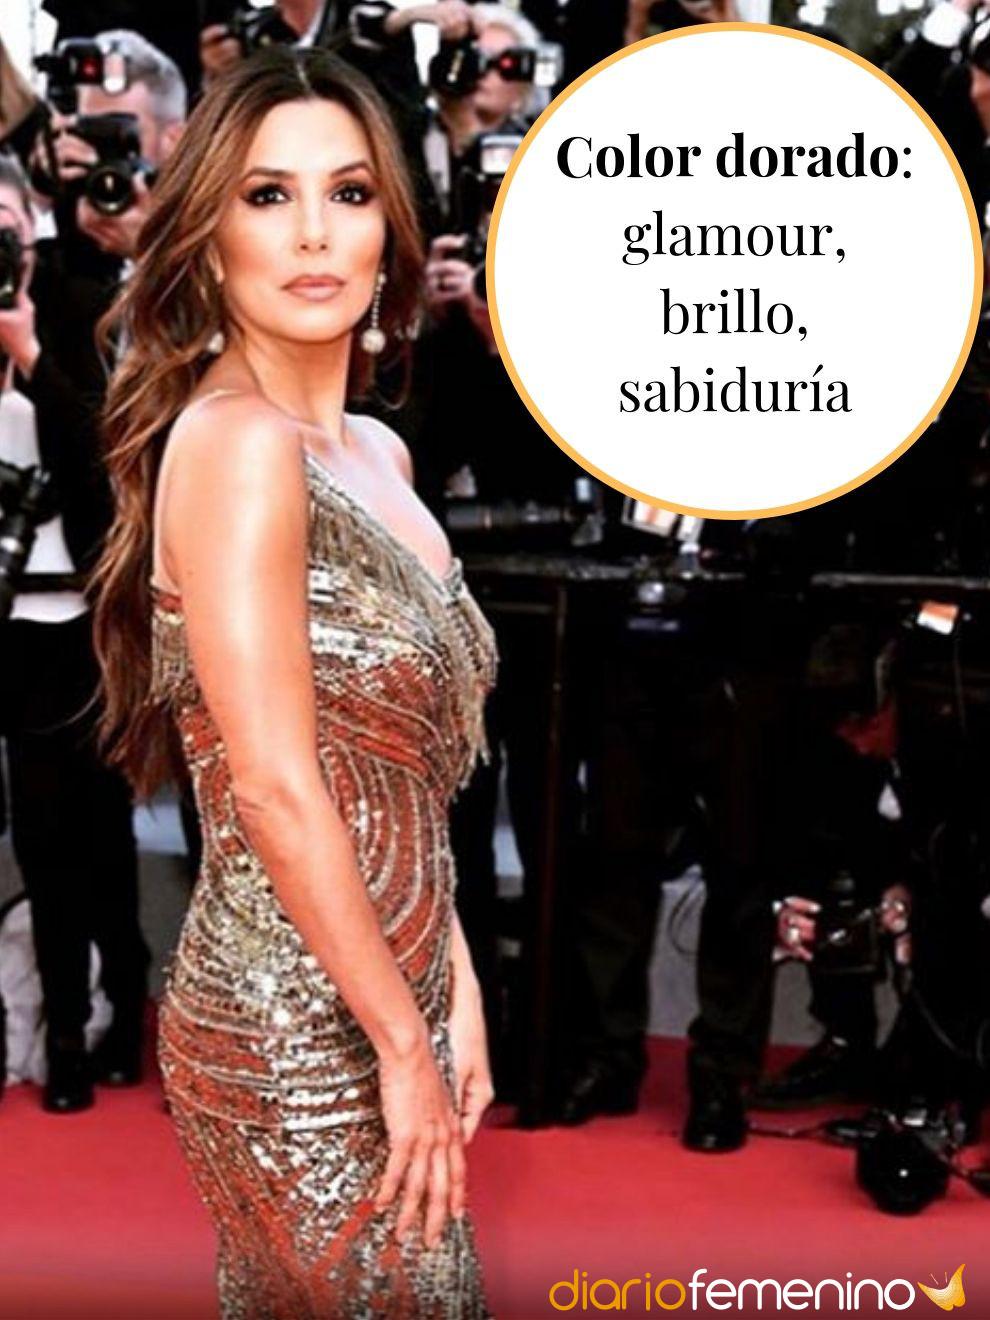 El glamouroso significado del color dorado en la ropa